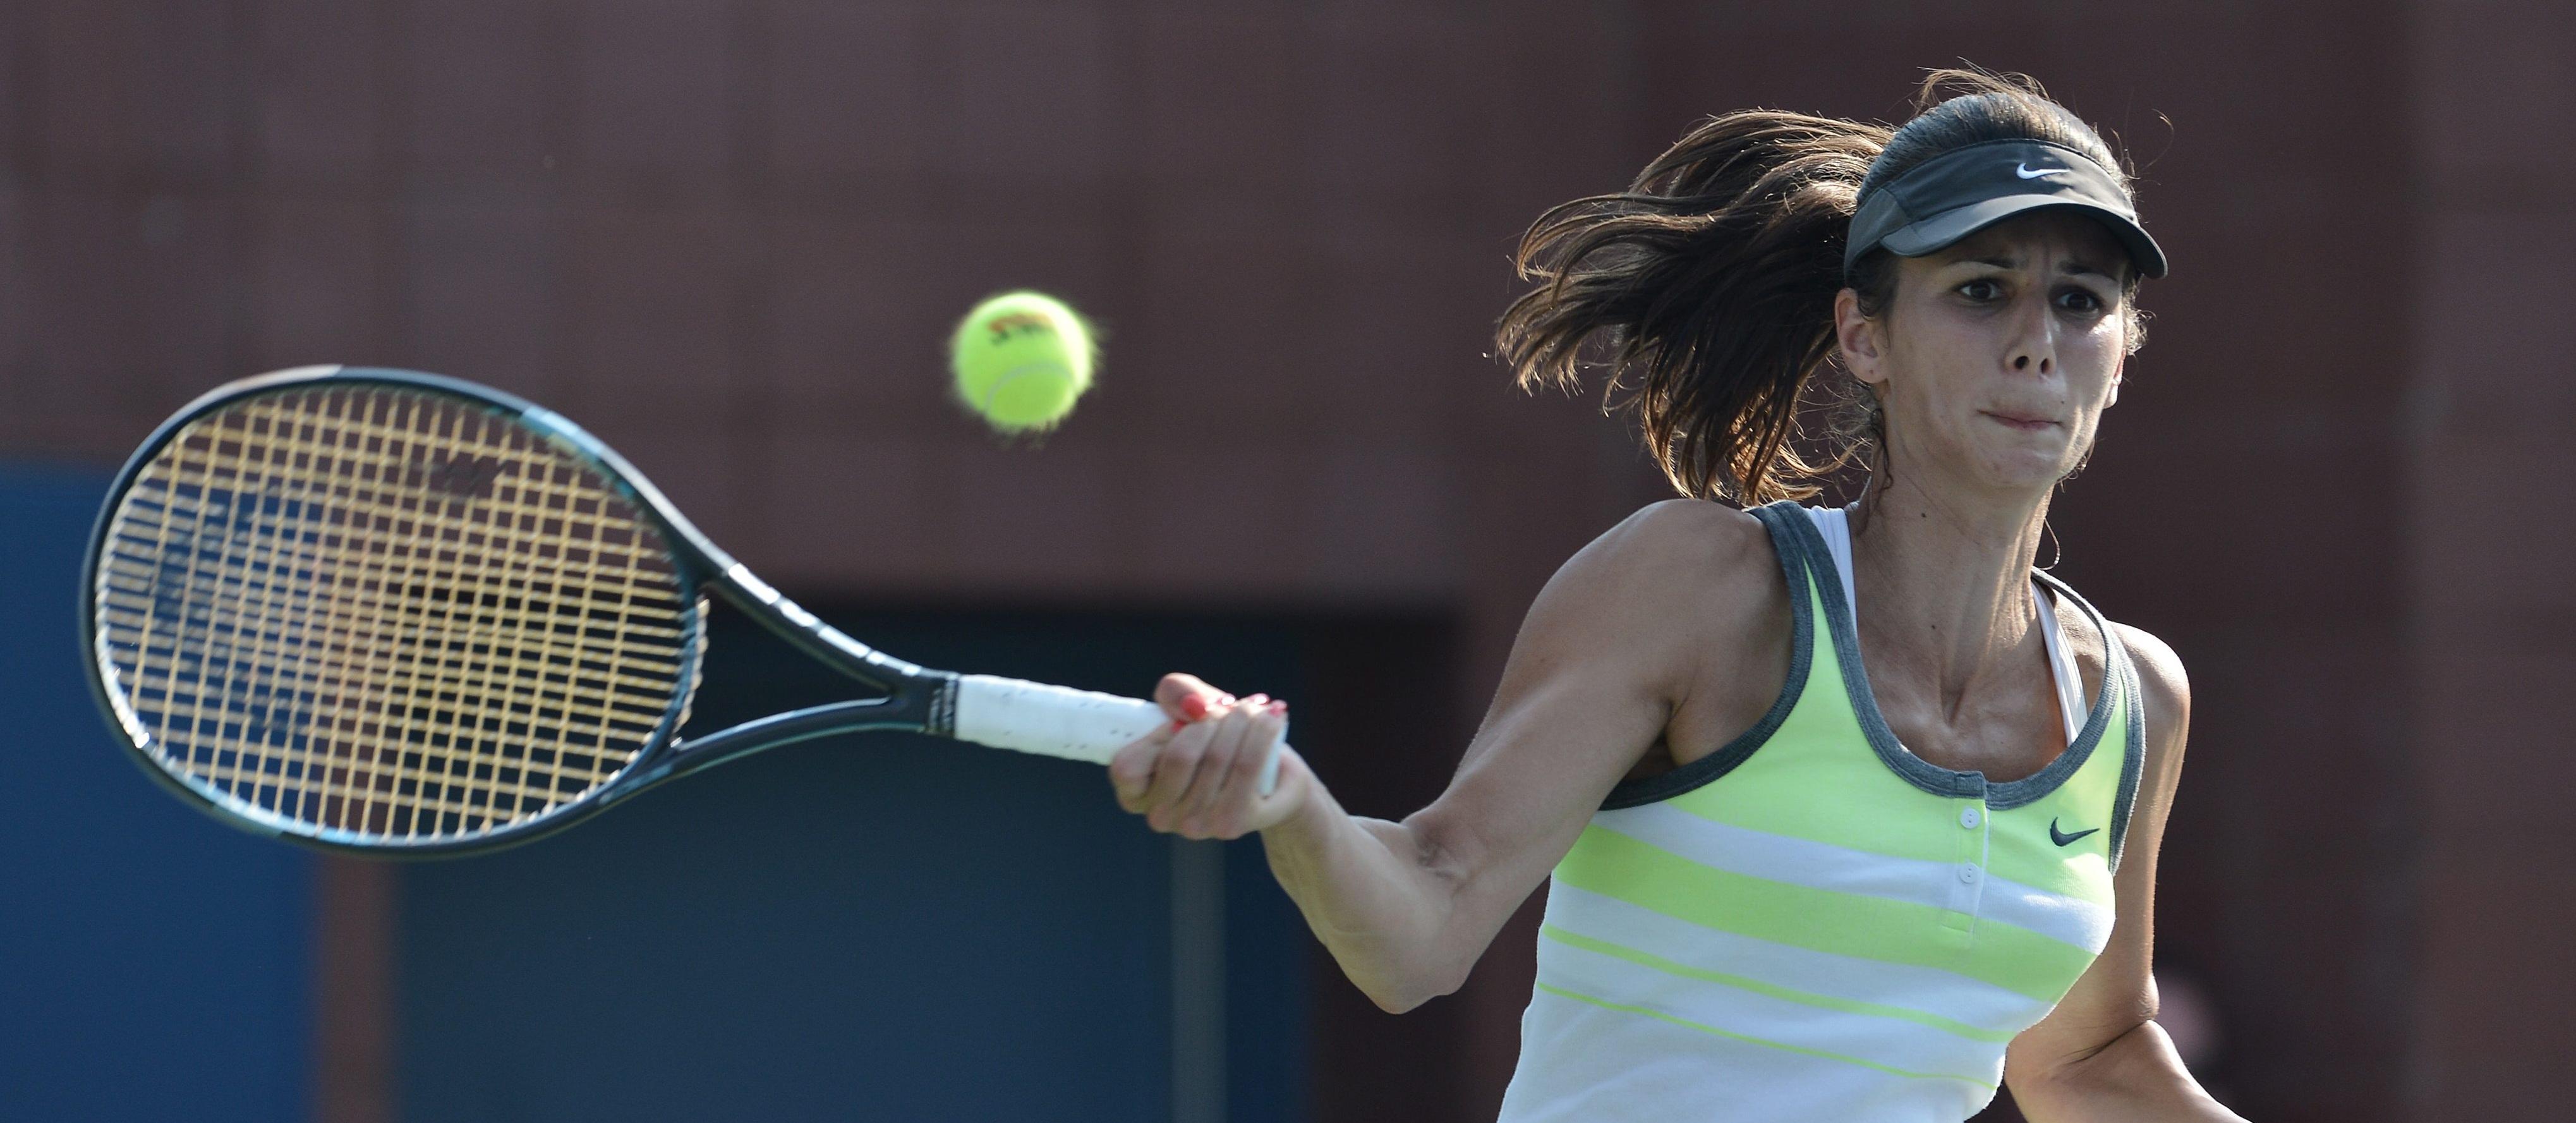 Брилянтно: Пиронкова в четвърти кръг след успех над испанка